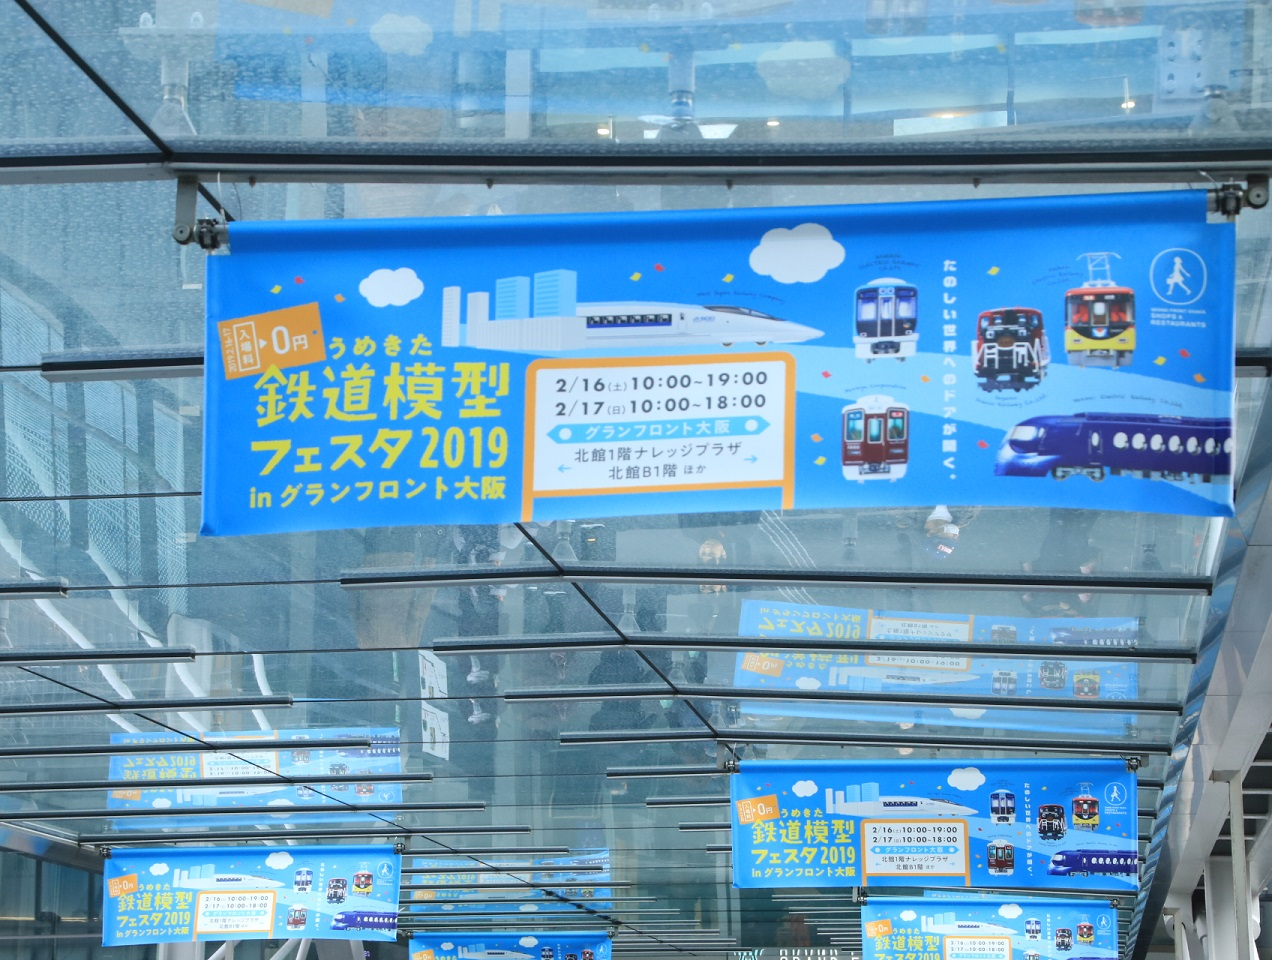 2019年 グランフロント大阪 鉄道模型_d0202264_16181739.jpg